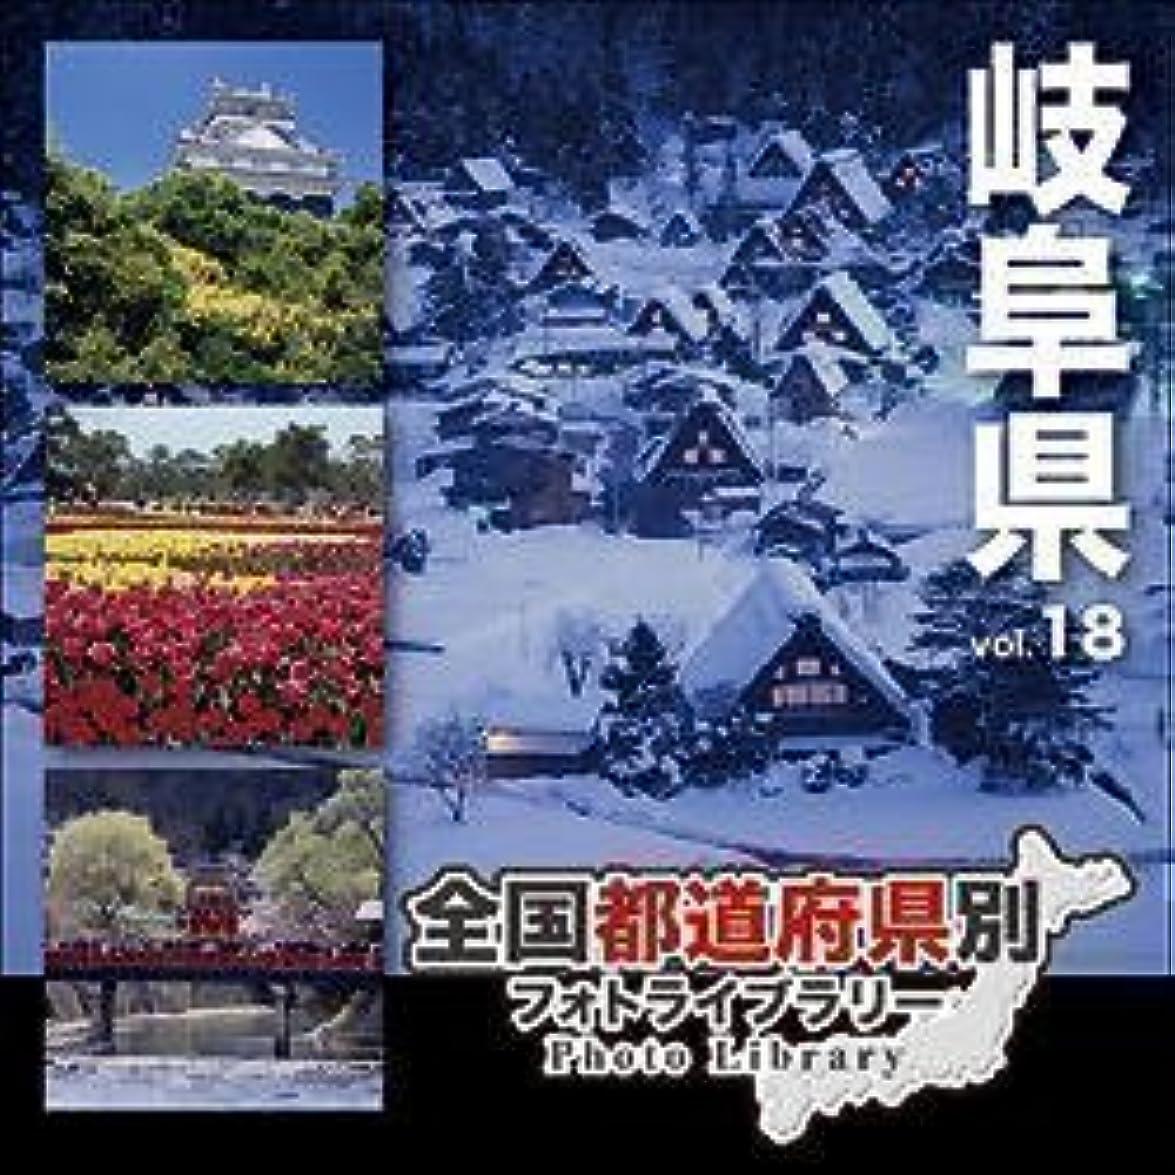 全国都道府県別フォトライブラリー Vol.18 岐阜県